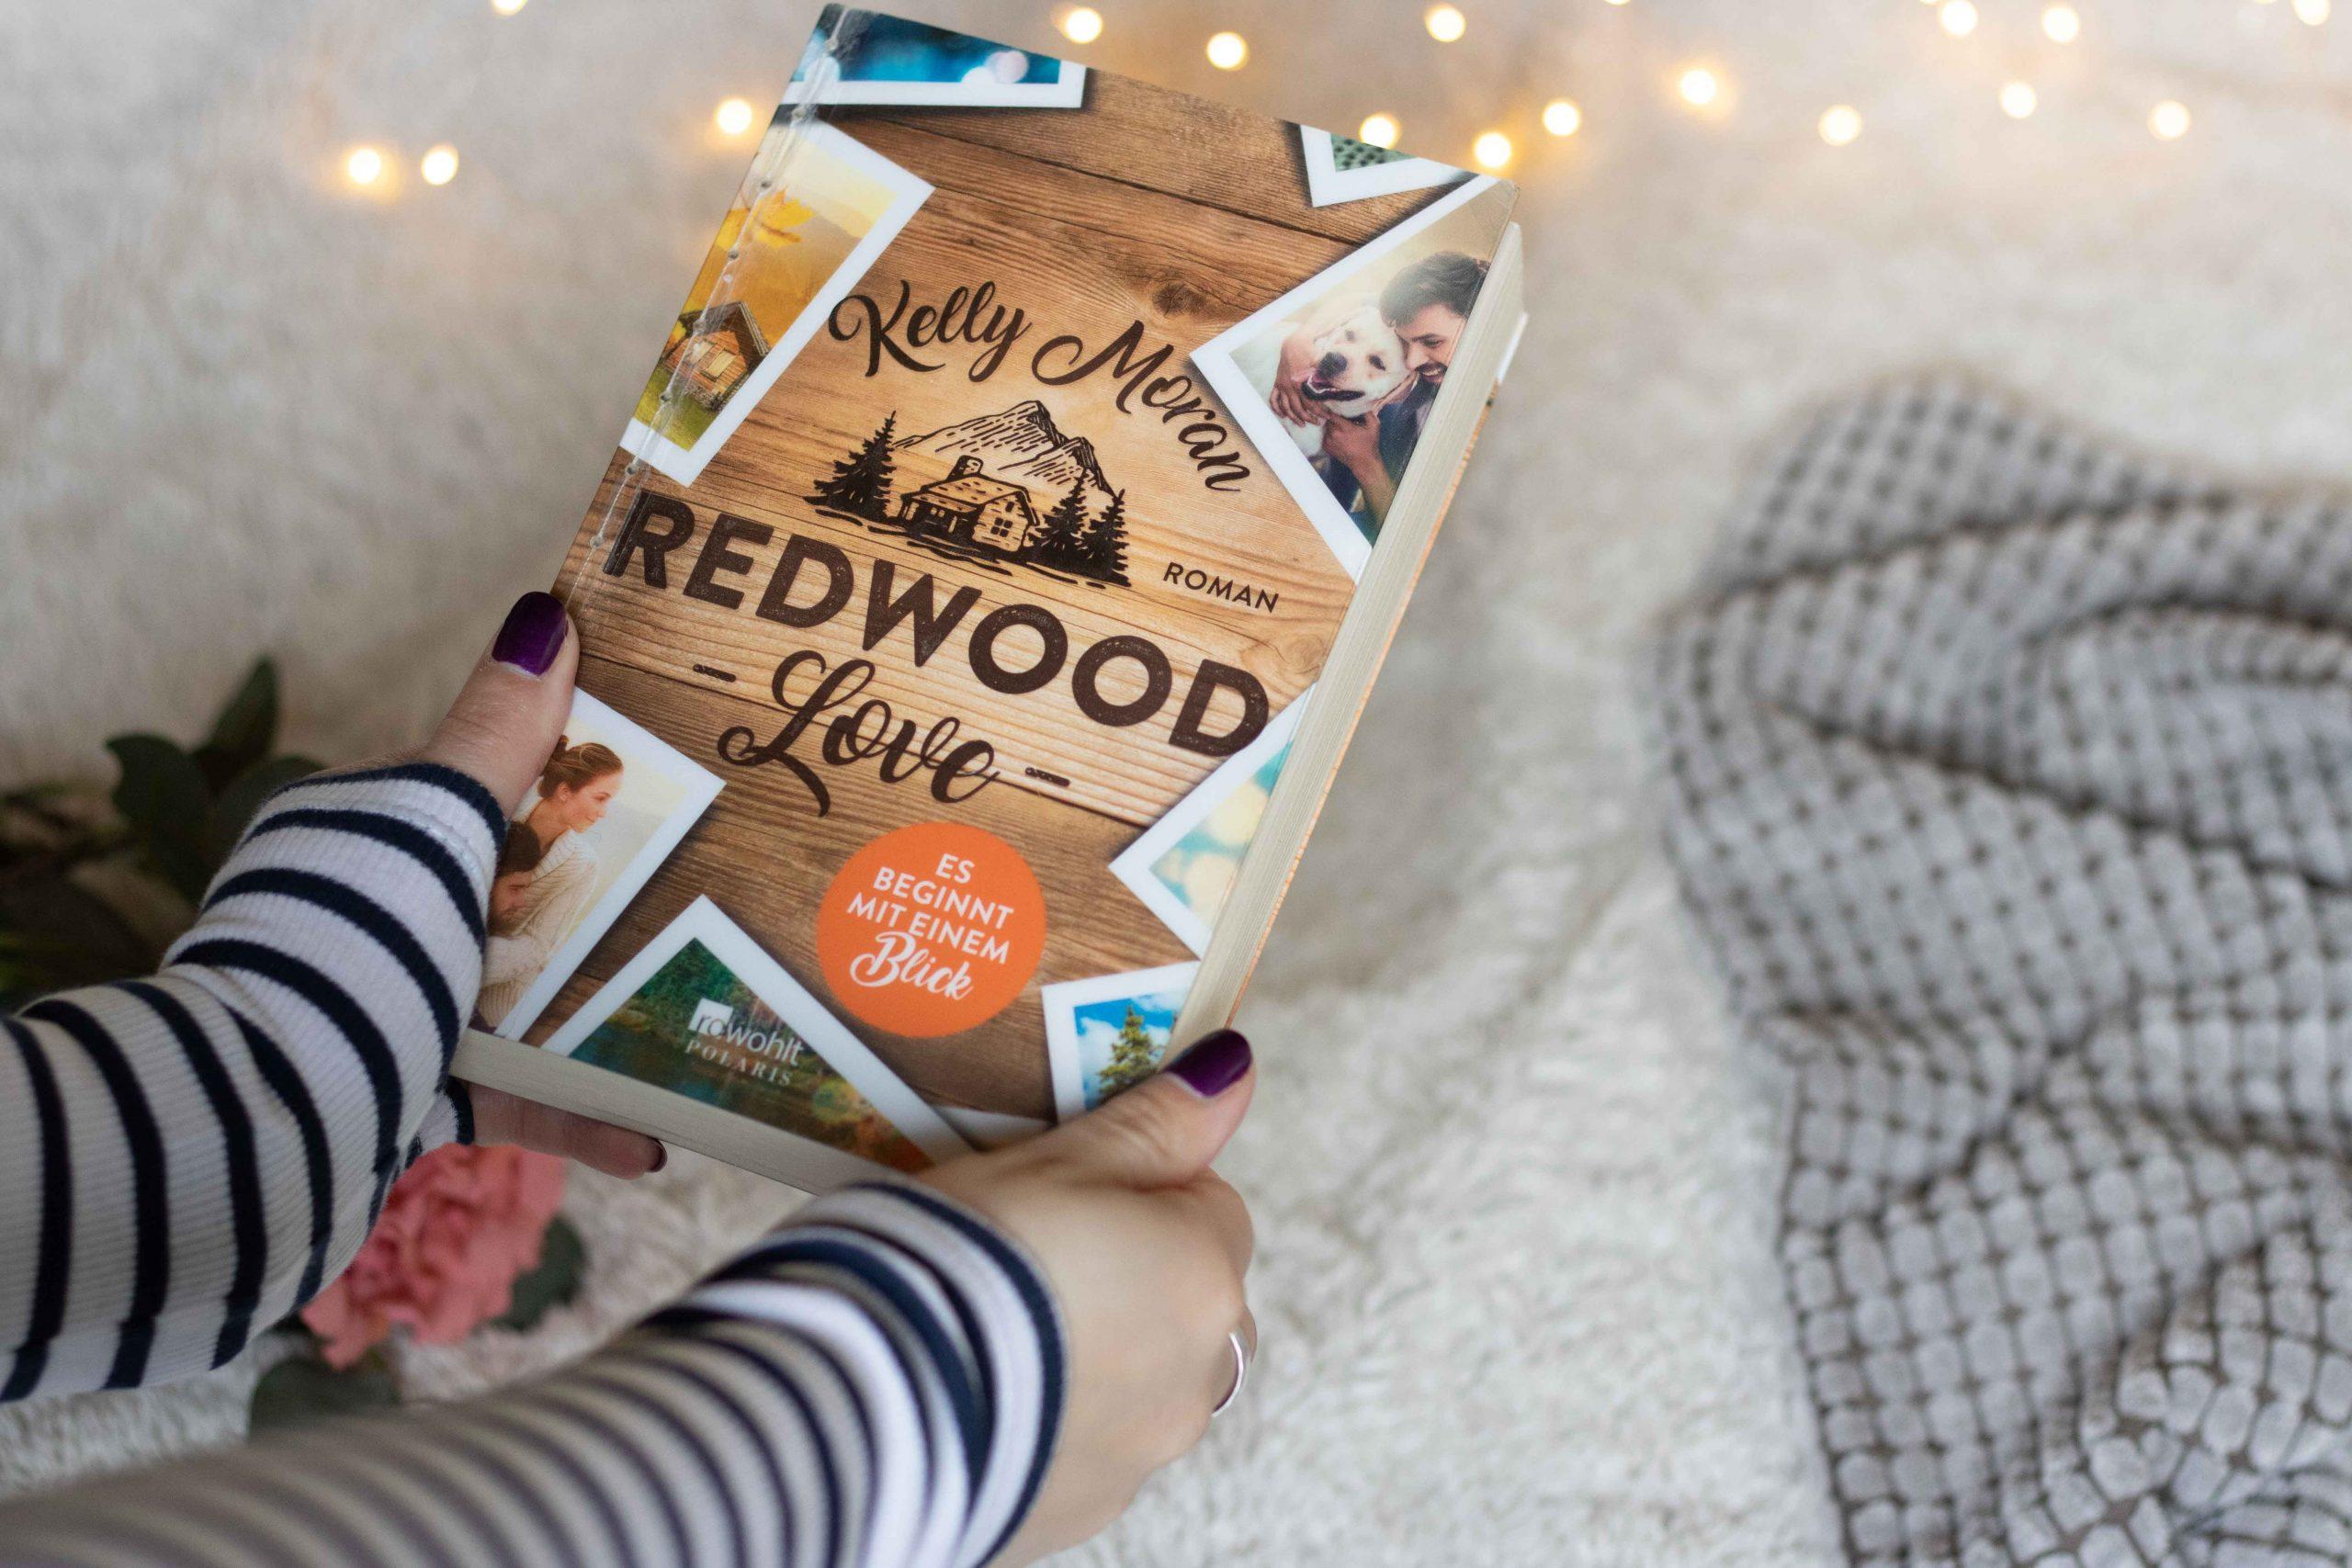 Redwood Love – Es beginnt mit einem Blick | Kelly Moran